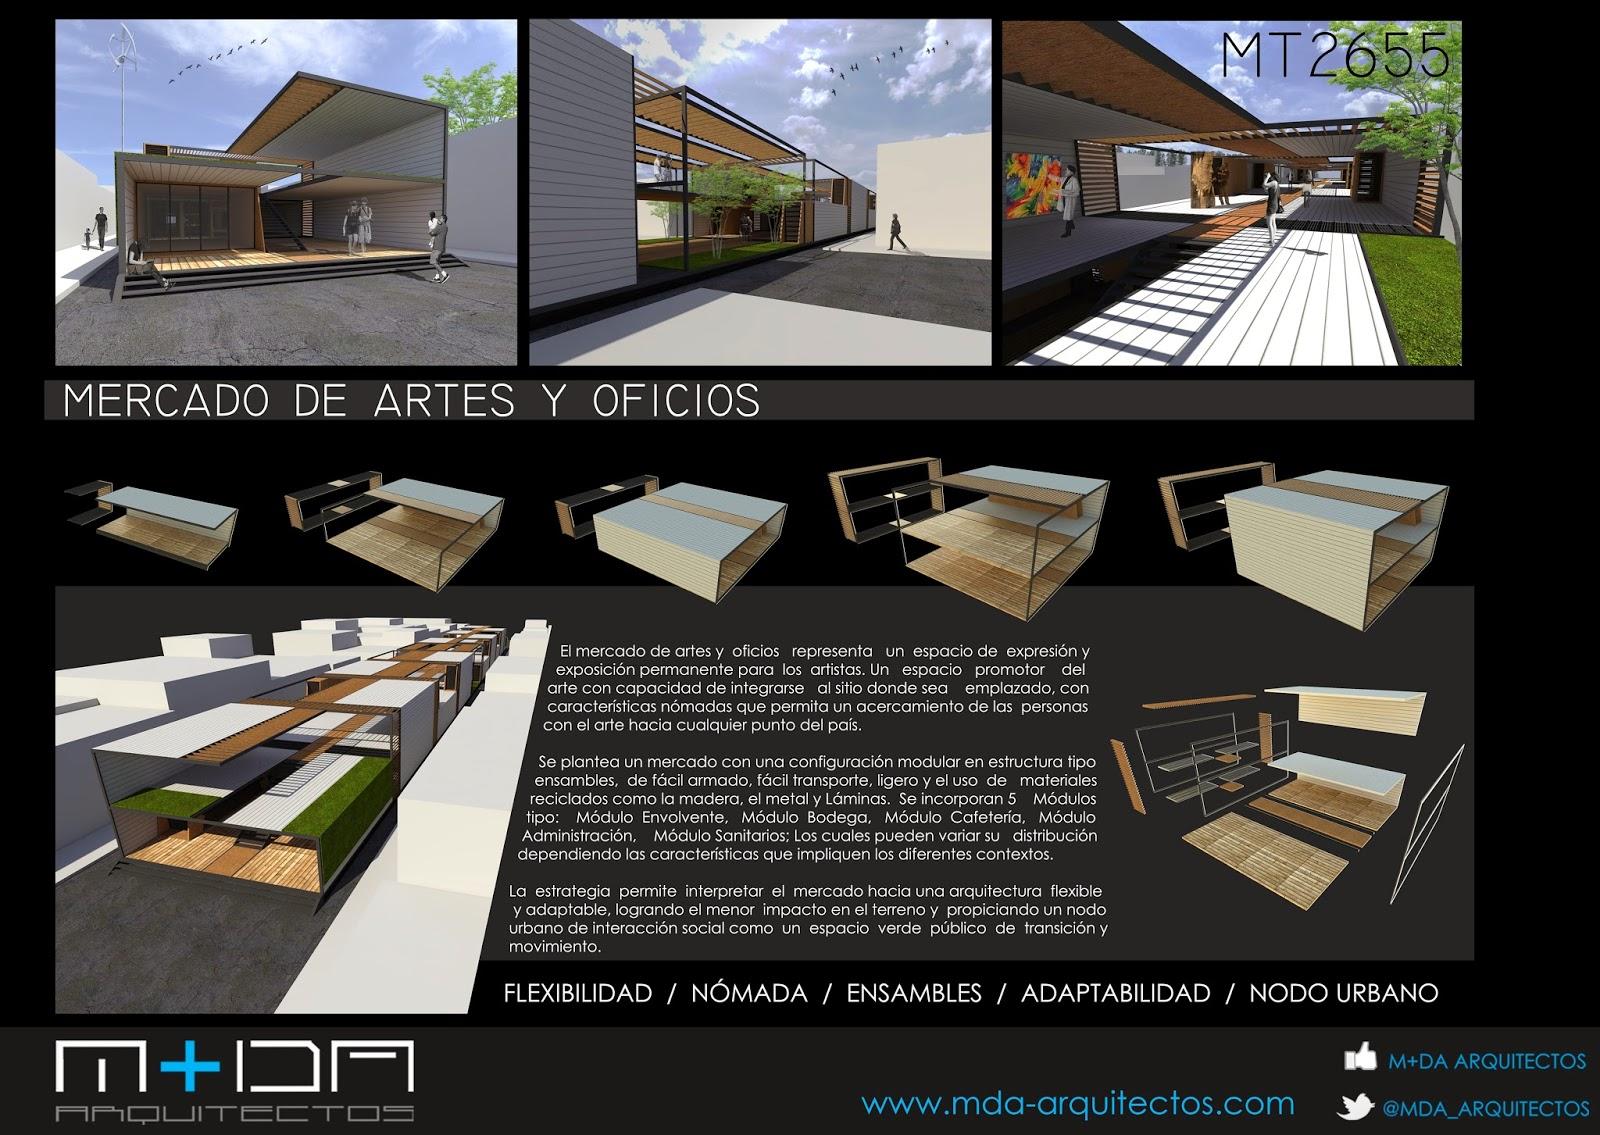 Apuntes revista digital de arquitectura mercado de for Conceptualizacion de la arquitectura